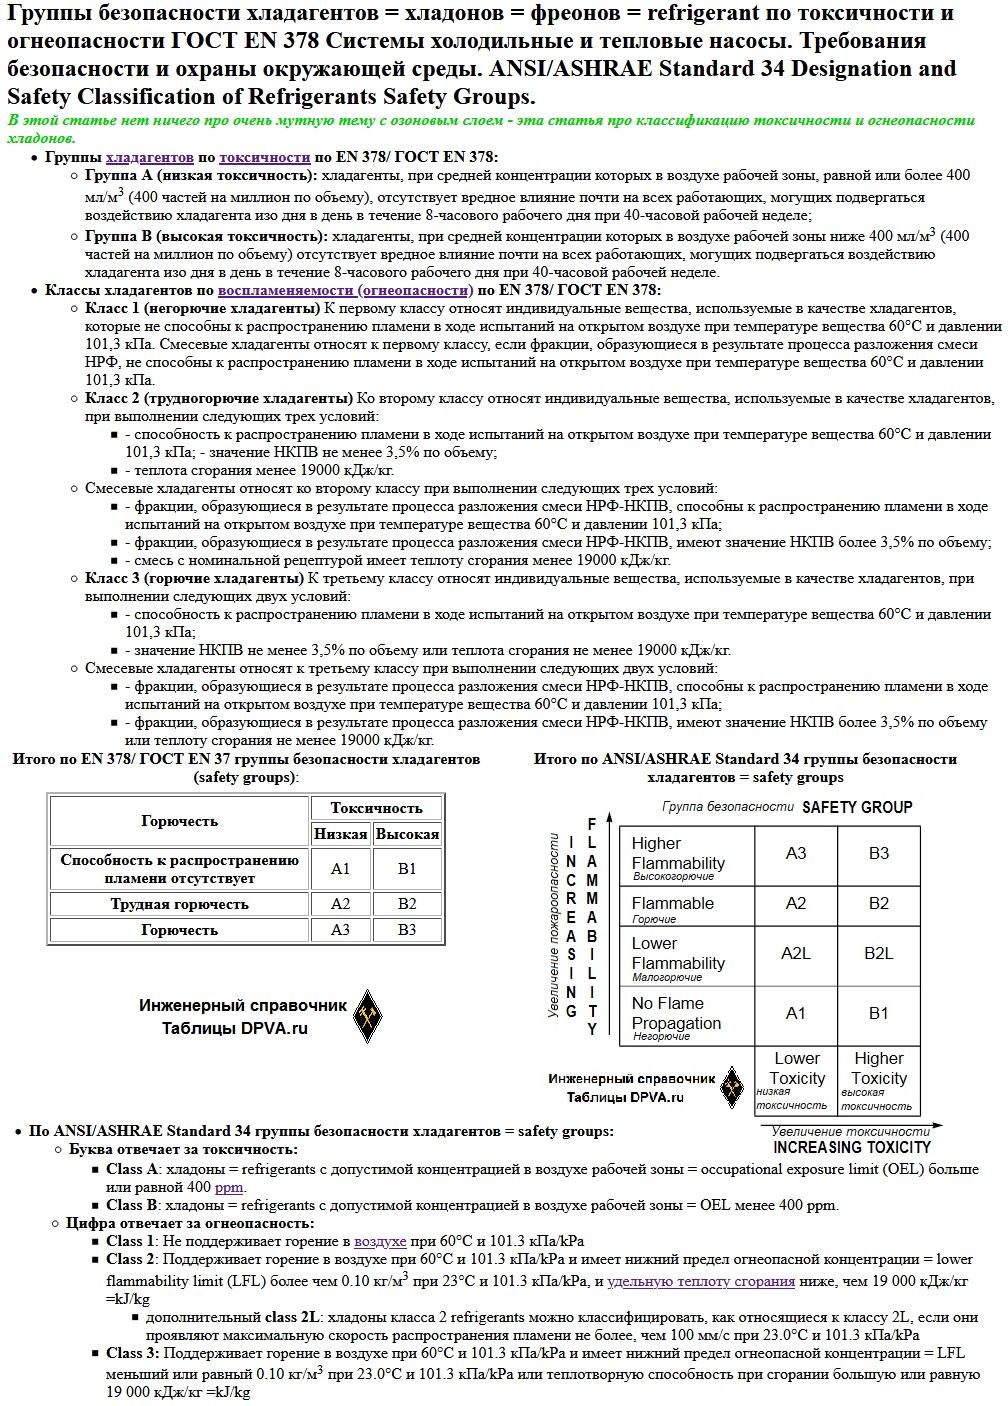 Группы безопасности хладагентов = хладонов = фреонов = refrigerant по токсичности и огнеопасности ГОСТ EN 378 Системы холодильные и тепловые насосы. Требования безопасности и охраны окружающей среды. ANSI/ASHRAE Standard 34 Designation and Safety Classification of Refrigerants Safety Groups